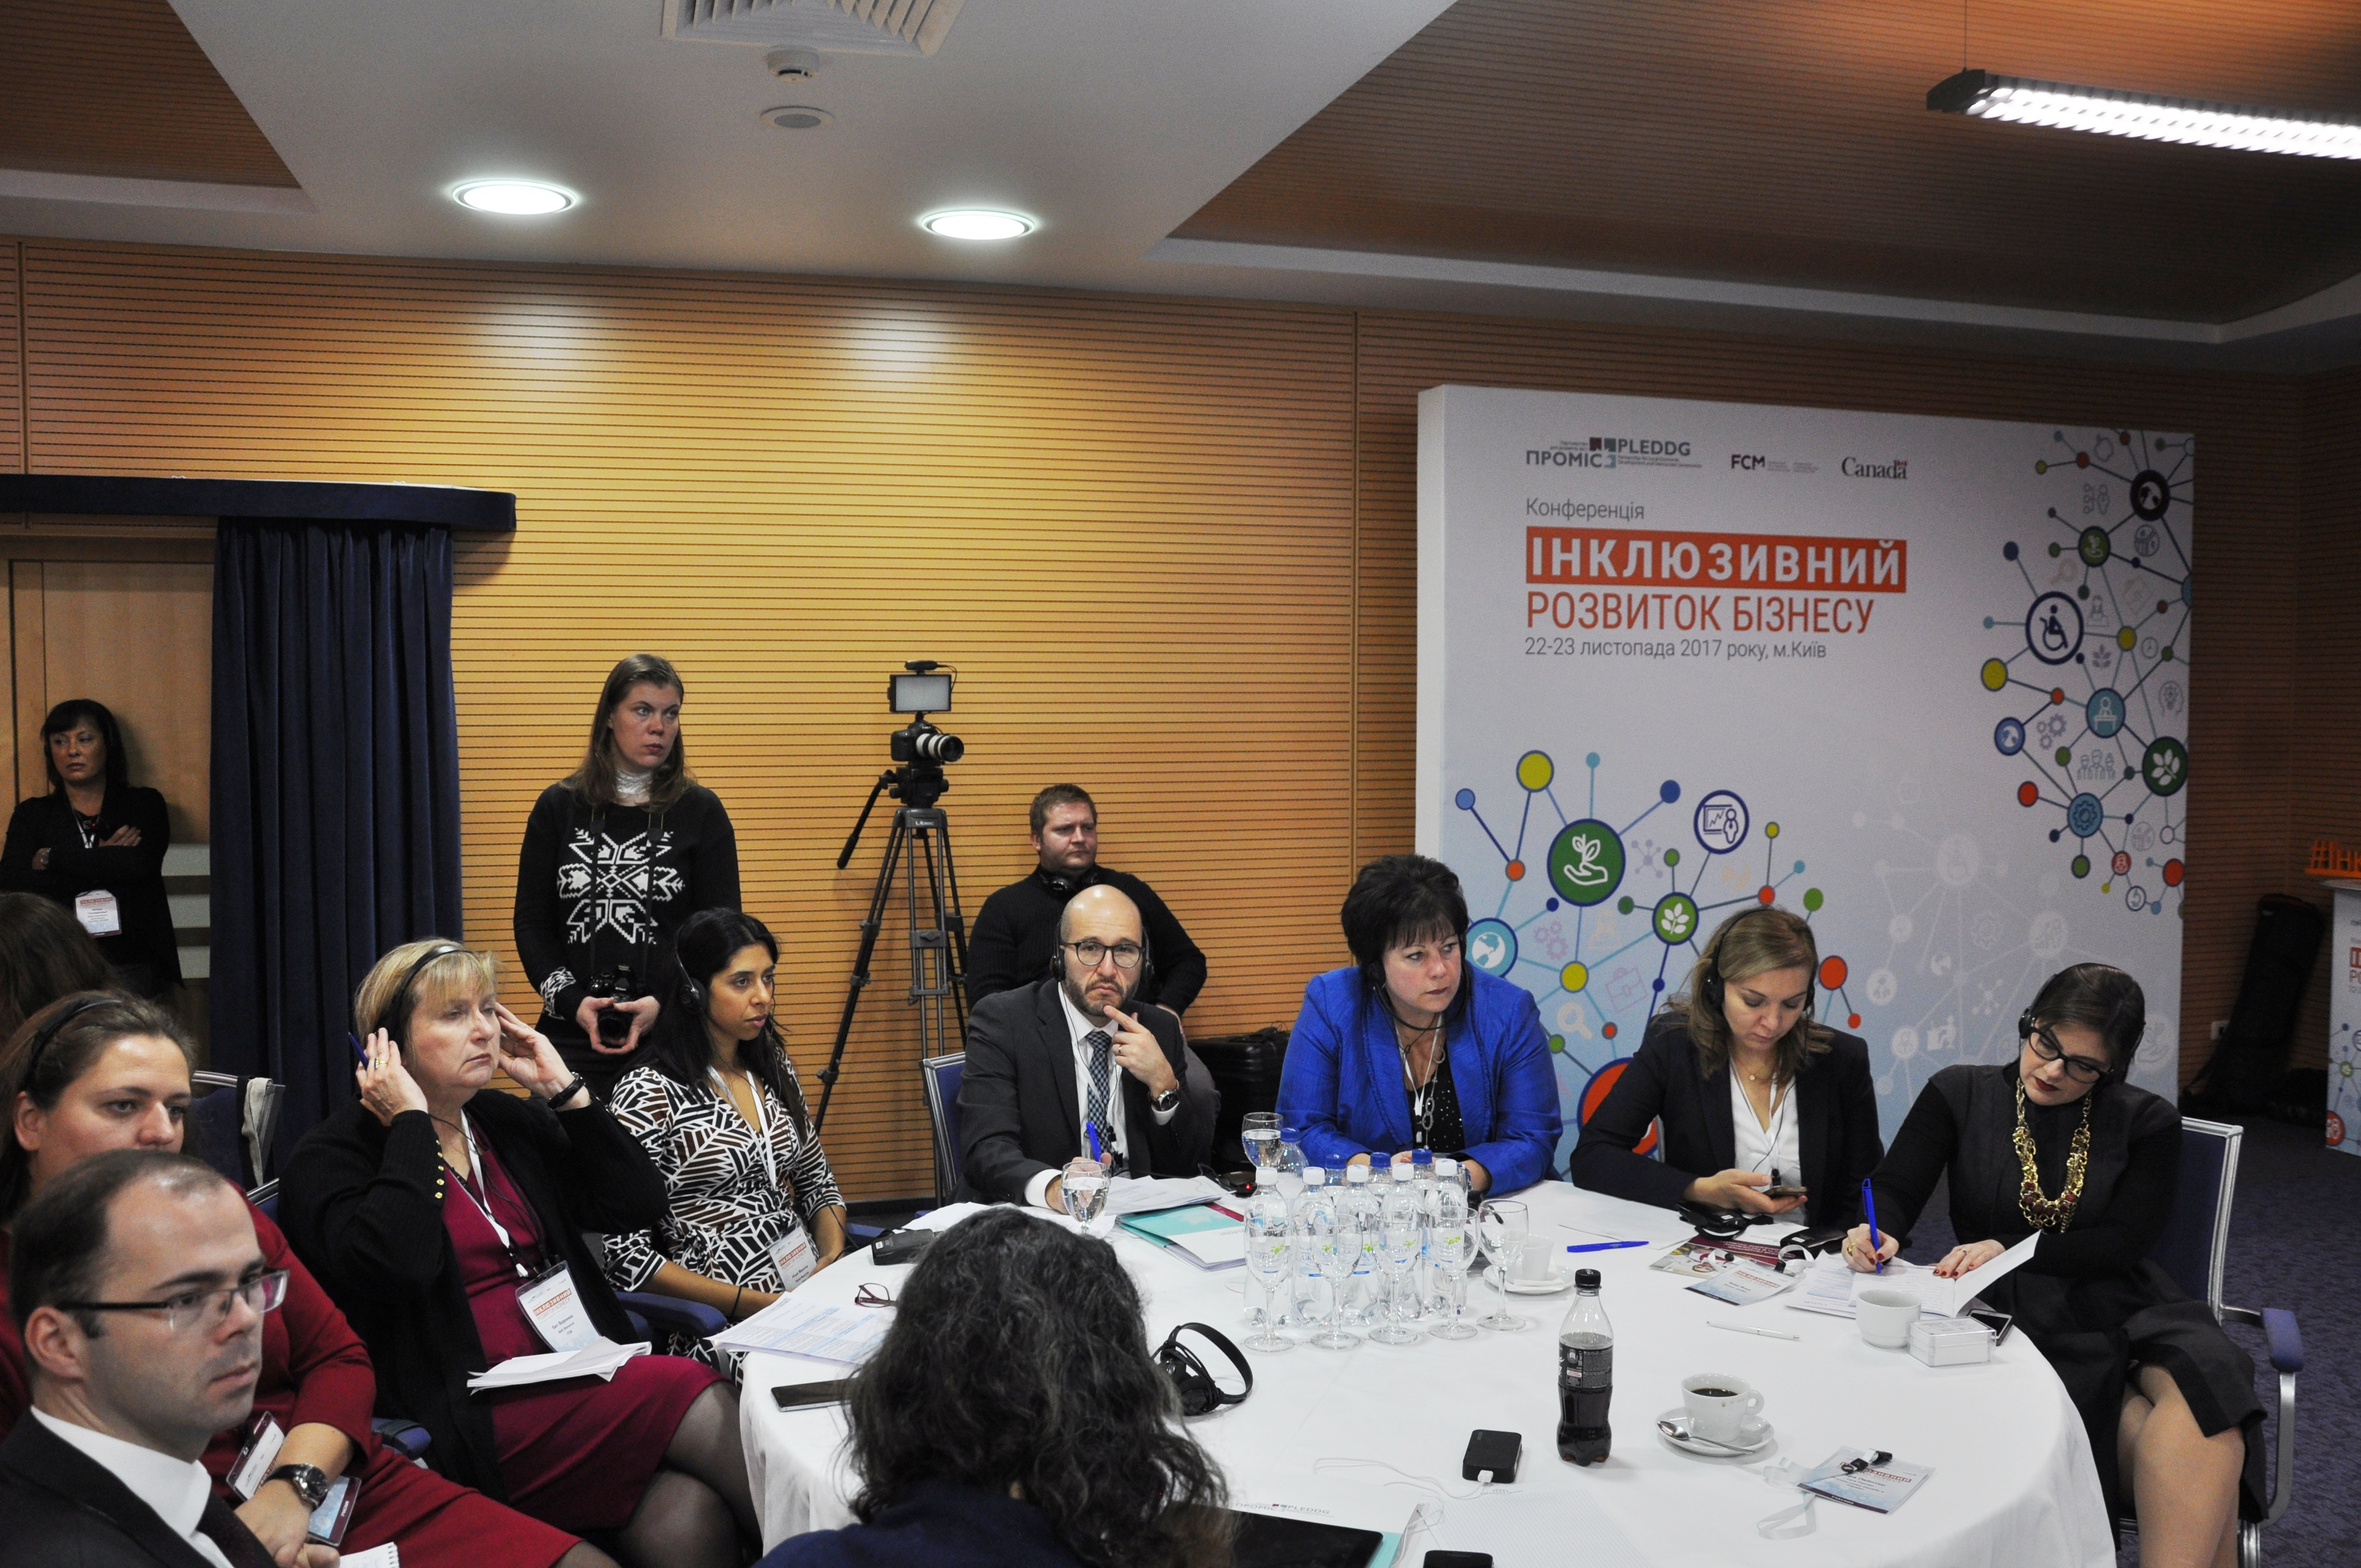 Інклюзивні малі та середні підприємства – нові можливості започаткування бізнесу для жінок, внутрішньо переміщених осіб, ветеранів АТО та людей з інвалідністю